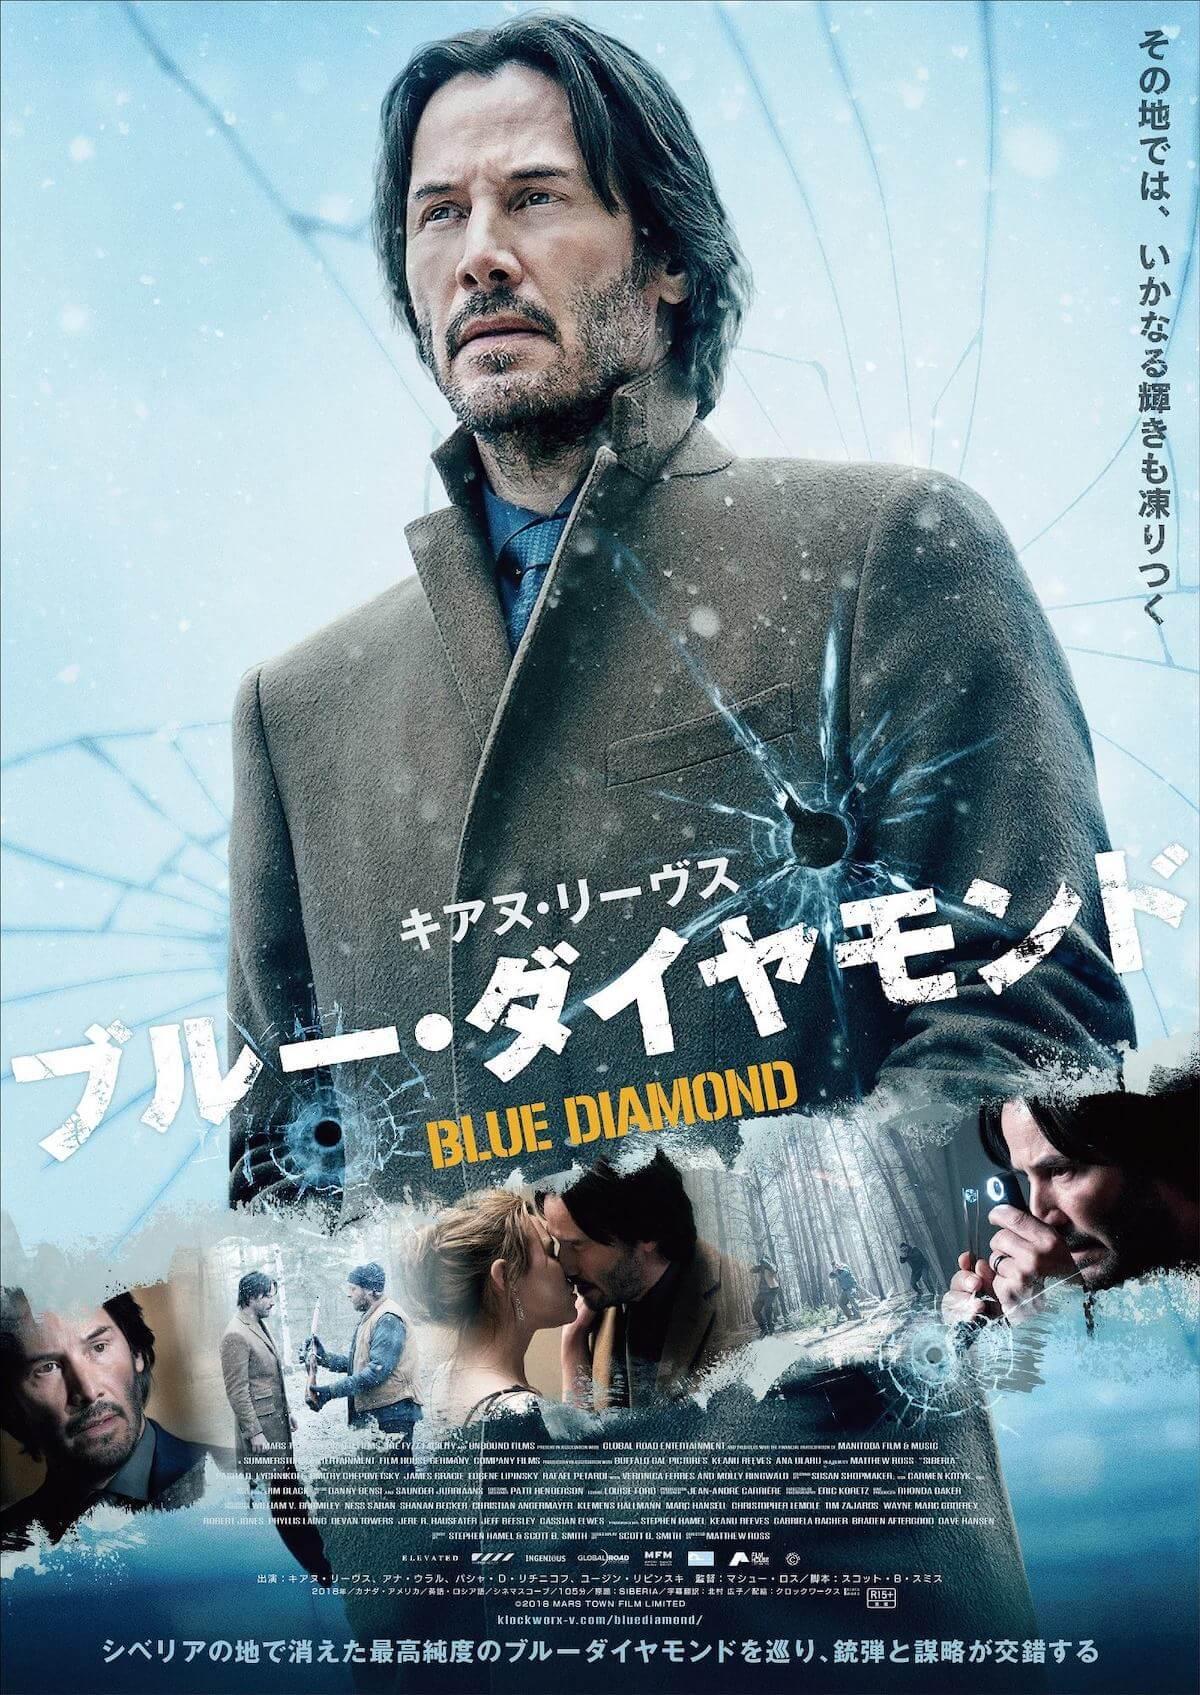 キアヌ・リーヴス主演映画、『ブルー・ダイヤモンド』が8月30日に日本公開決定!予告&ポスターも解禁 film190508-keanureeves_info